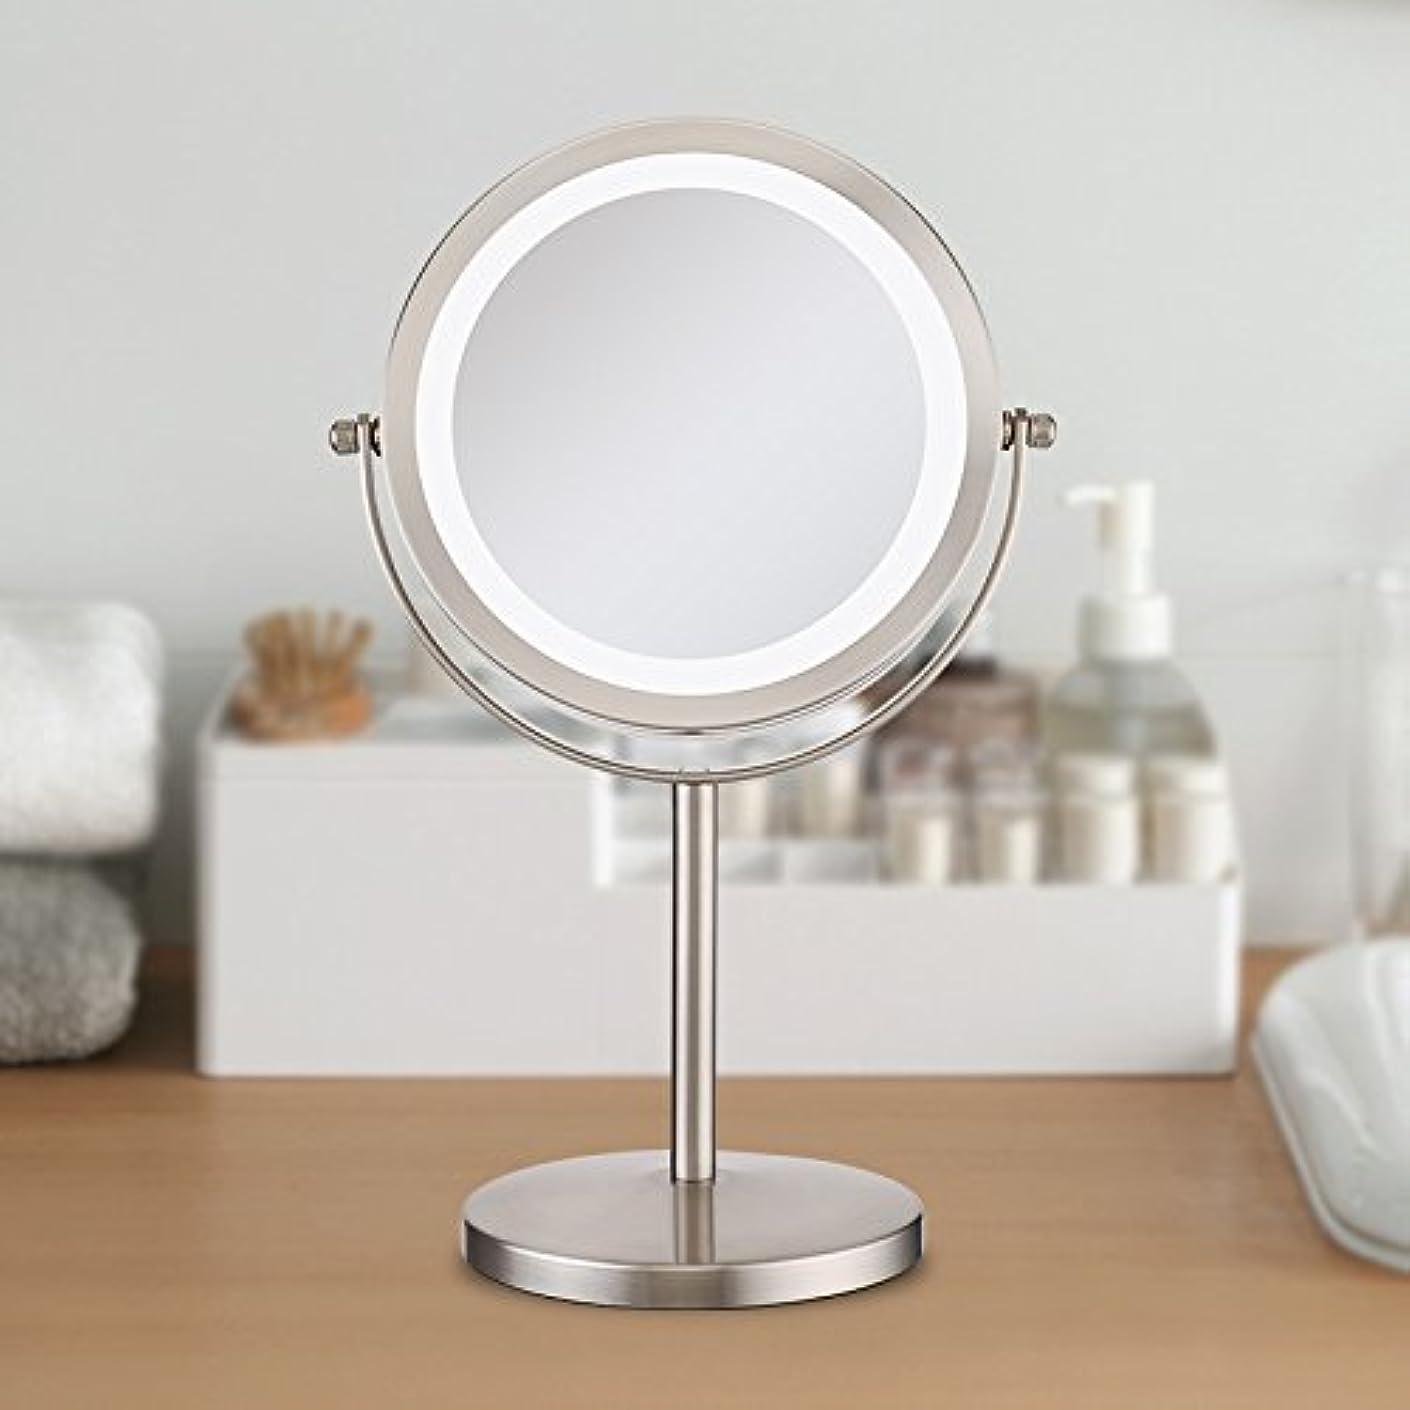 夜間ウールそれる(セーディコ)Cerdeco 真実の北欧風卓上鏡DX LEDライト付き 10倍拡大率 両面化粧鏡 真実の鏡DX スタンドミラー 鏡面φ178mm (10倍拡大+等倍?両面) D710N